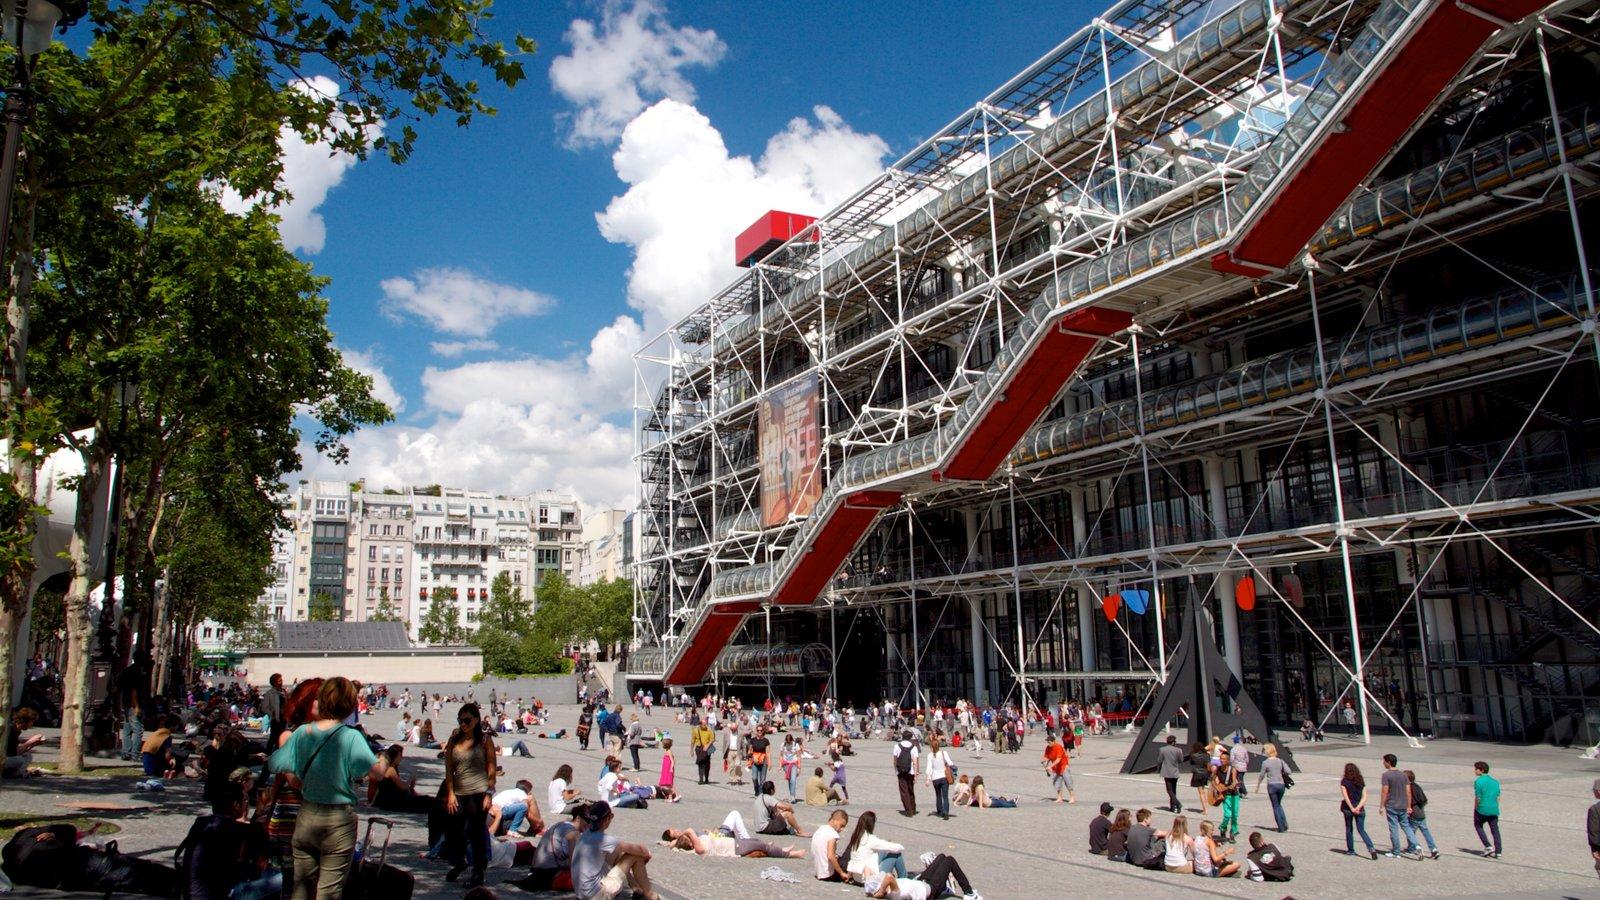 Museo Georges Pompidou mostrando un parque o plaza y una ciudad y también un gran grupo de personas